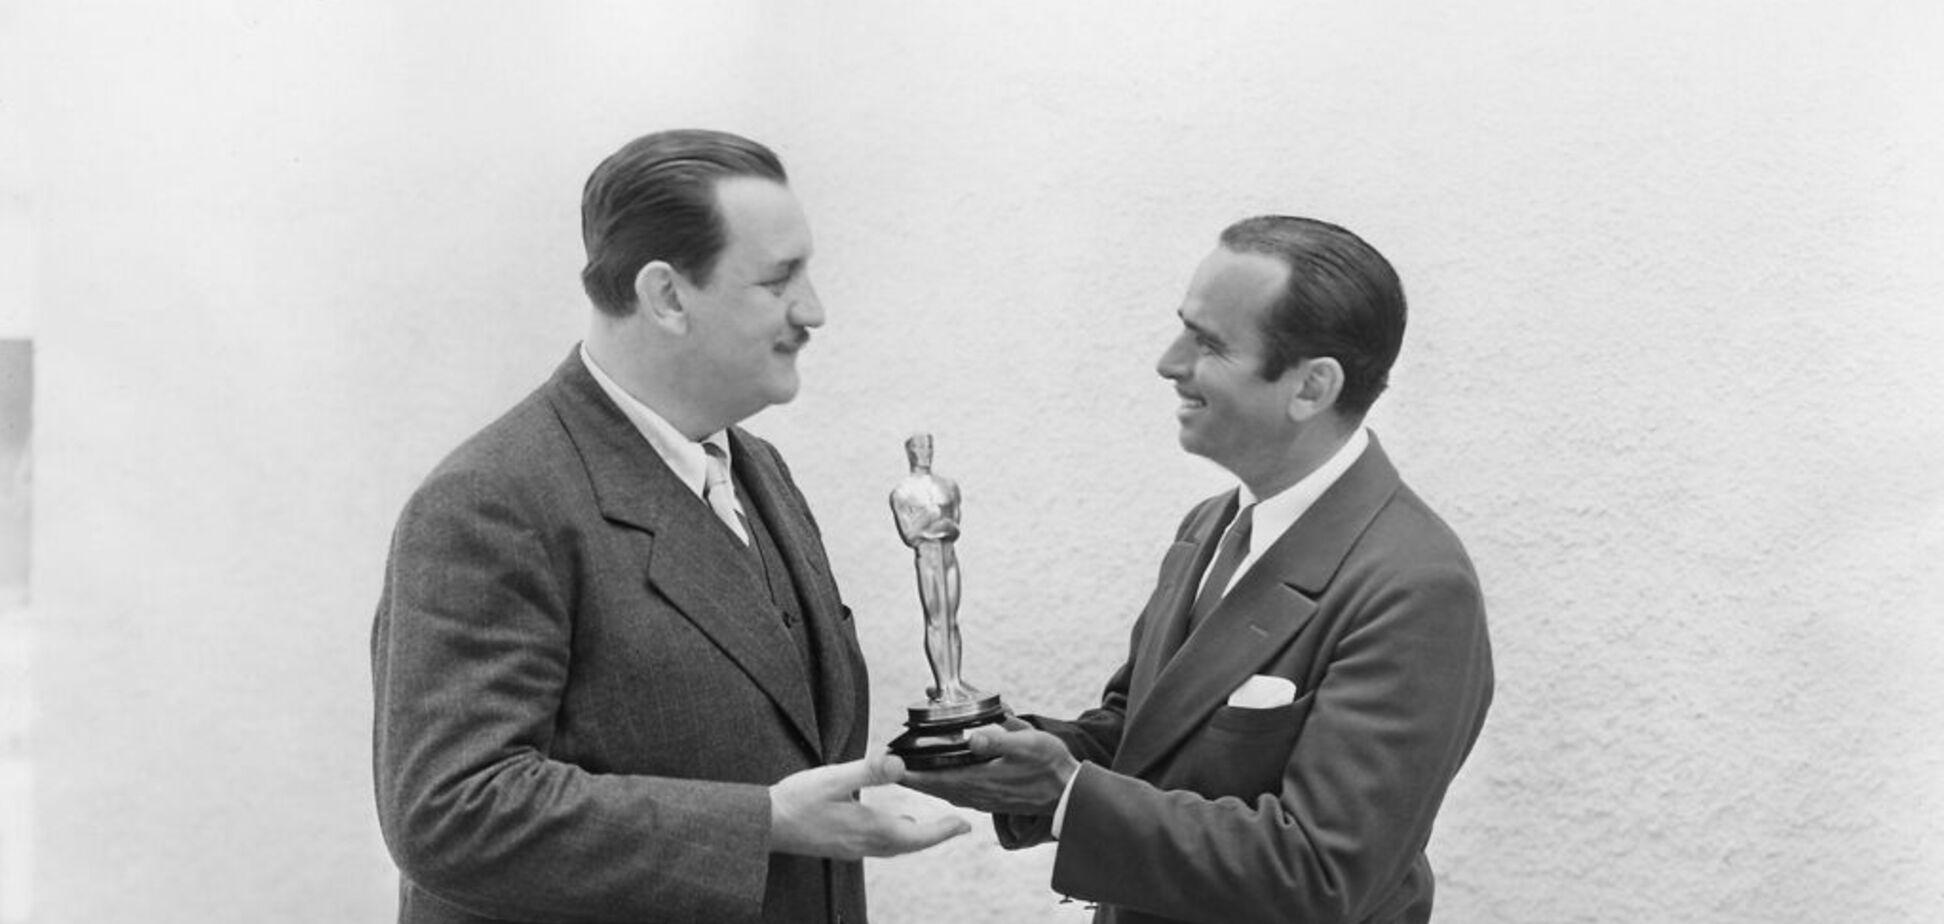 Як проходив перший в історії 'Оскар': опубліковані історичні фото і відео